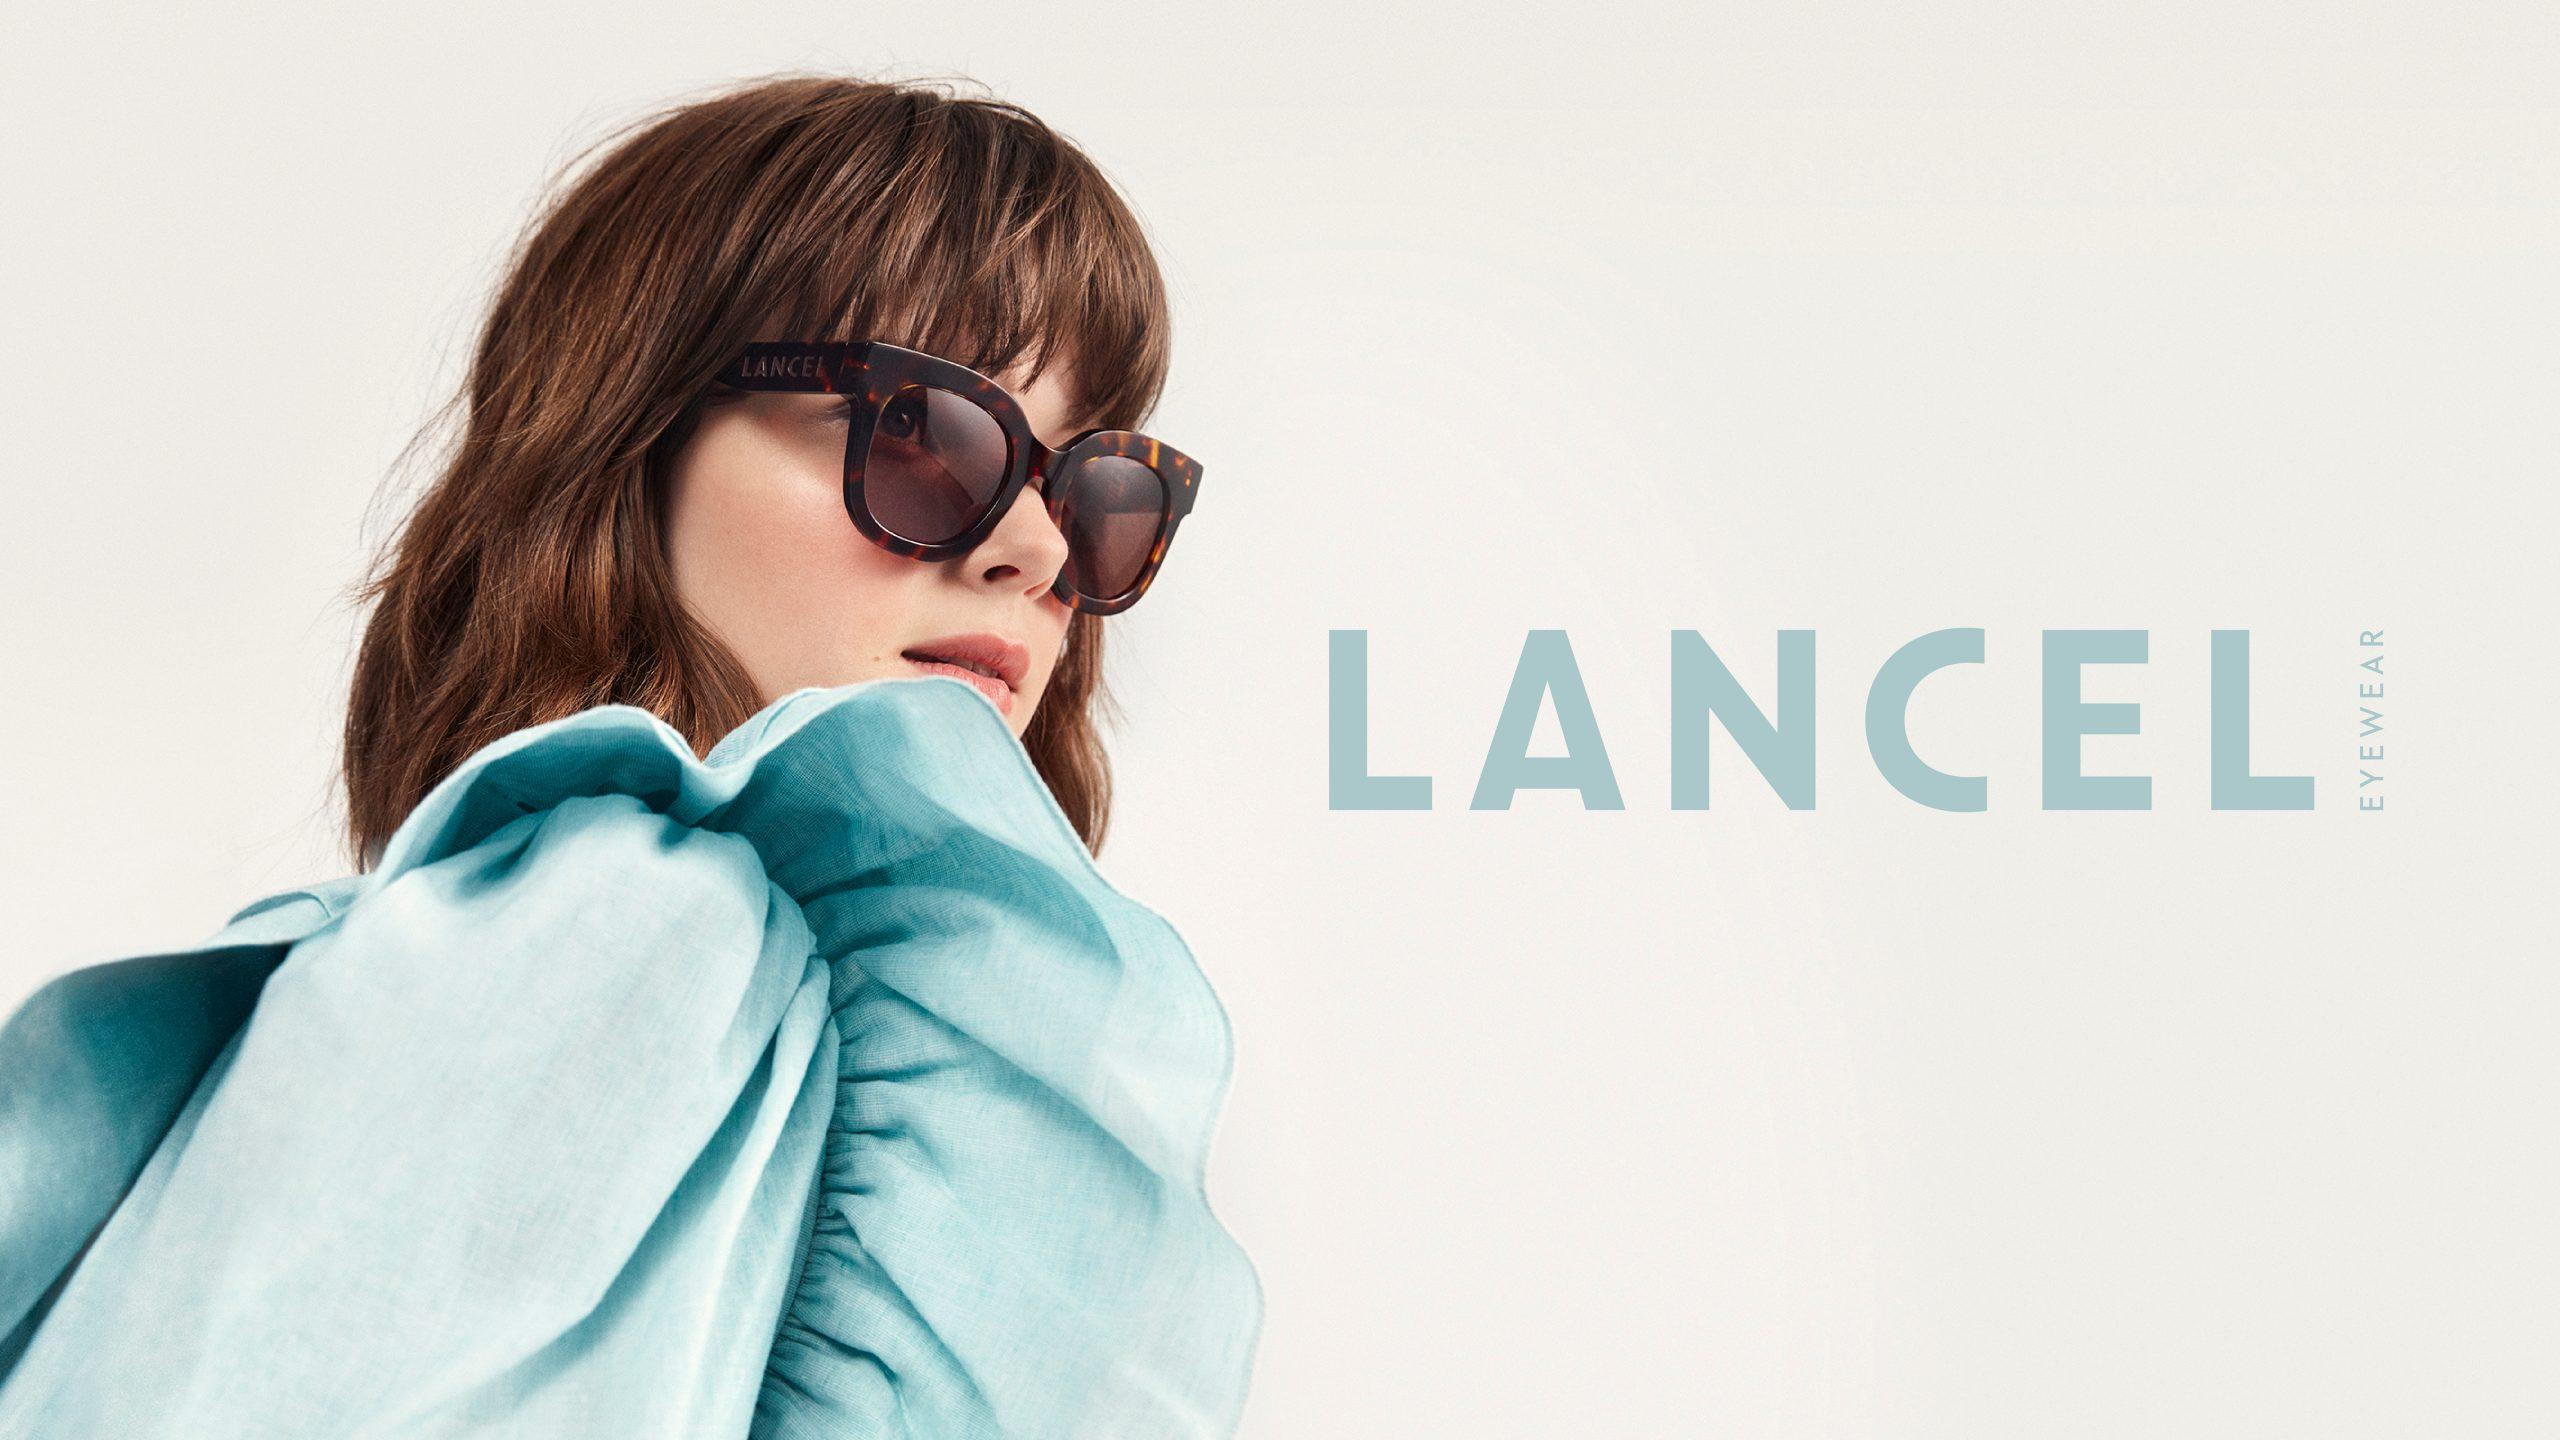 Lancel Eyewear - Master 16-9 Logo - Solaires - RVB